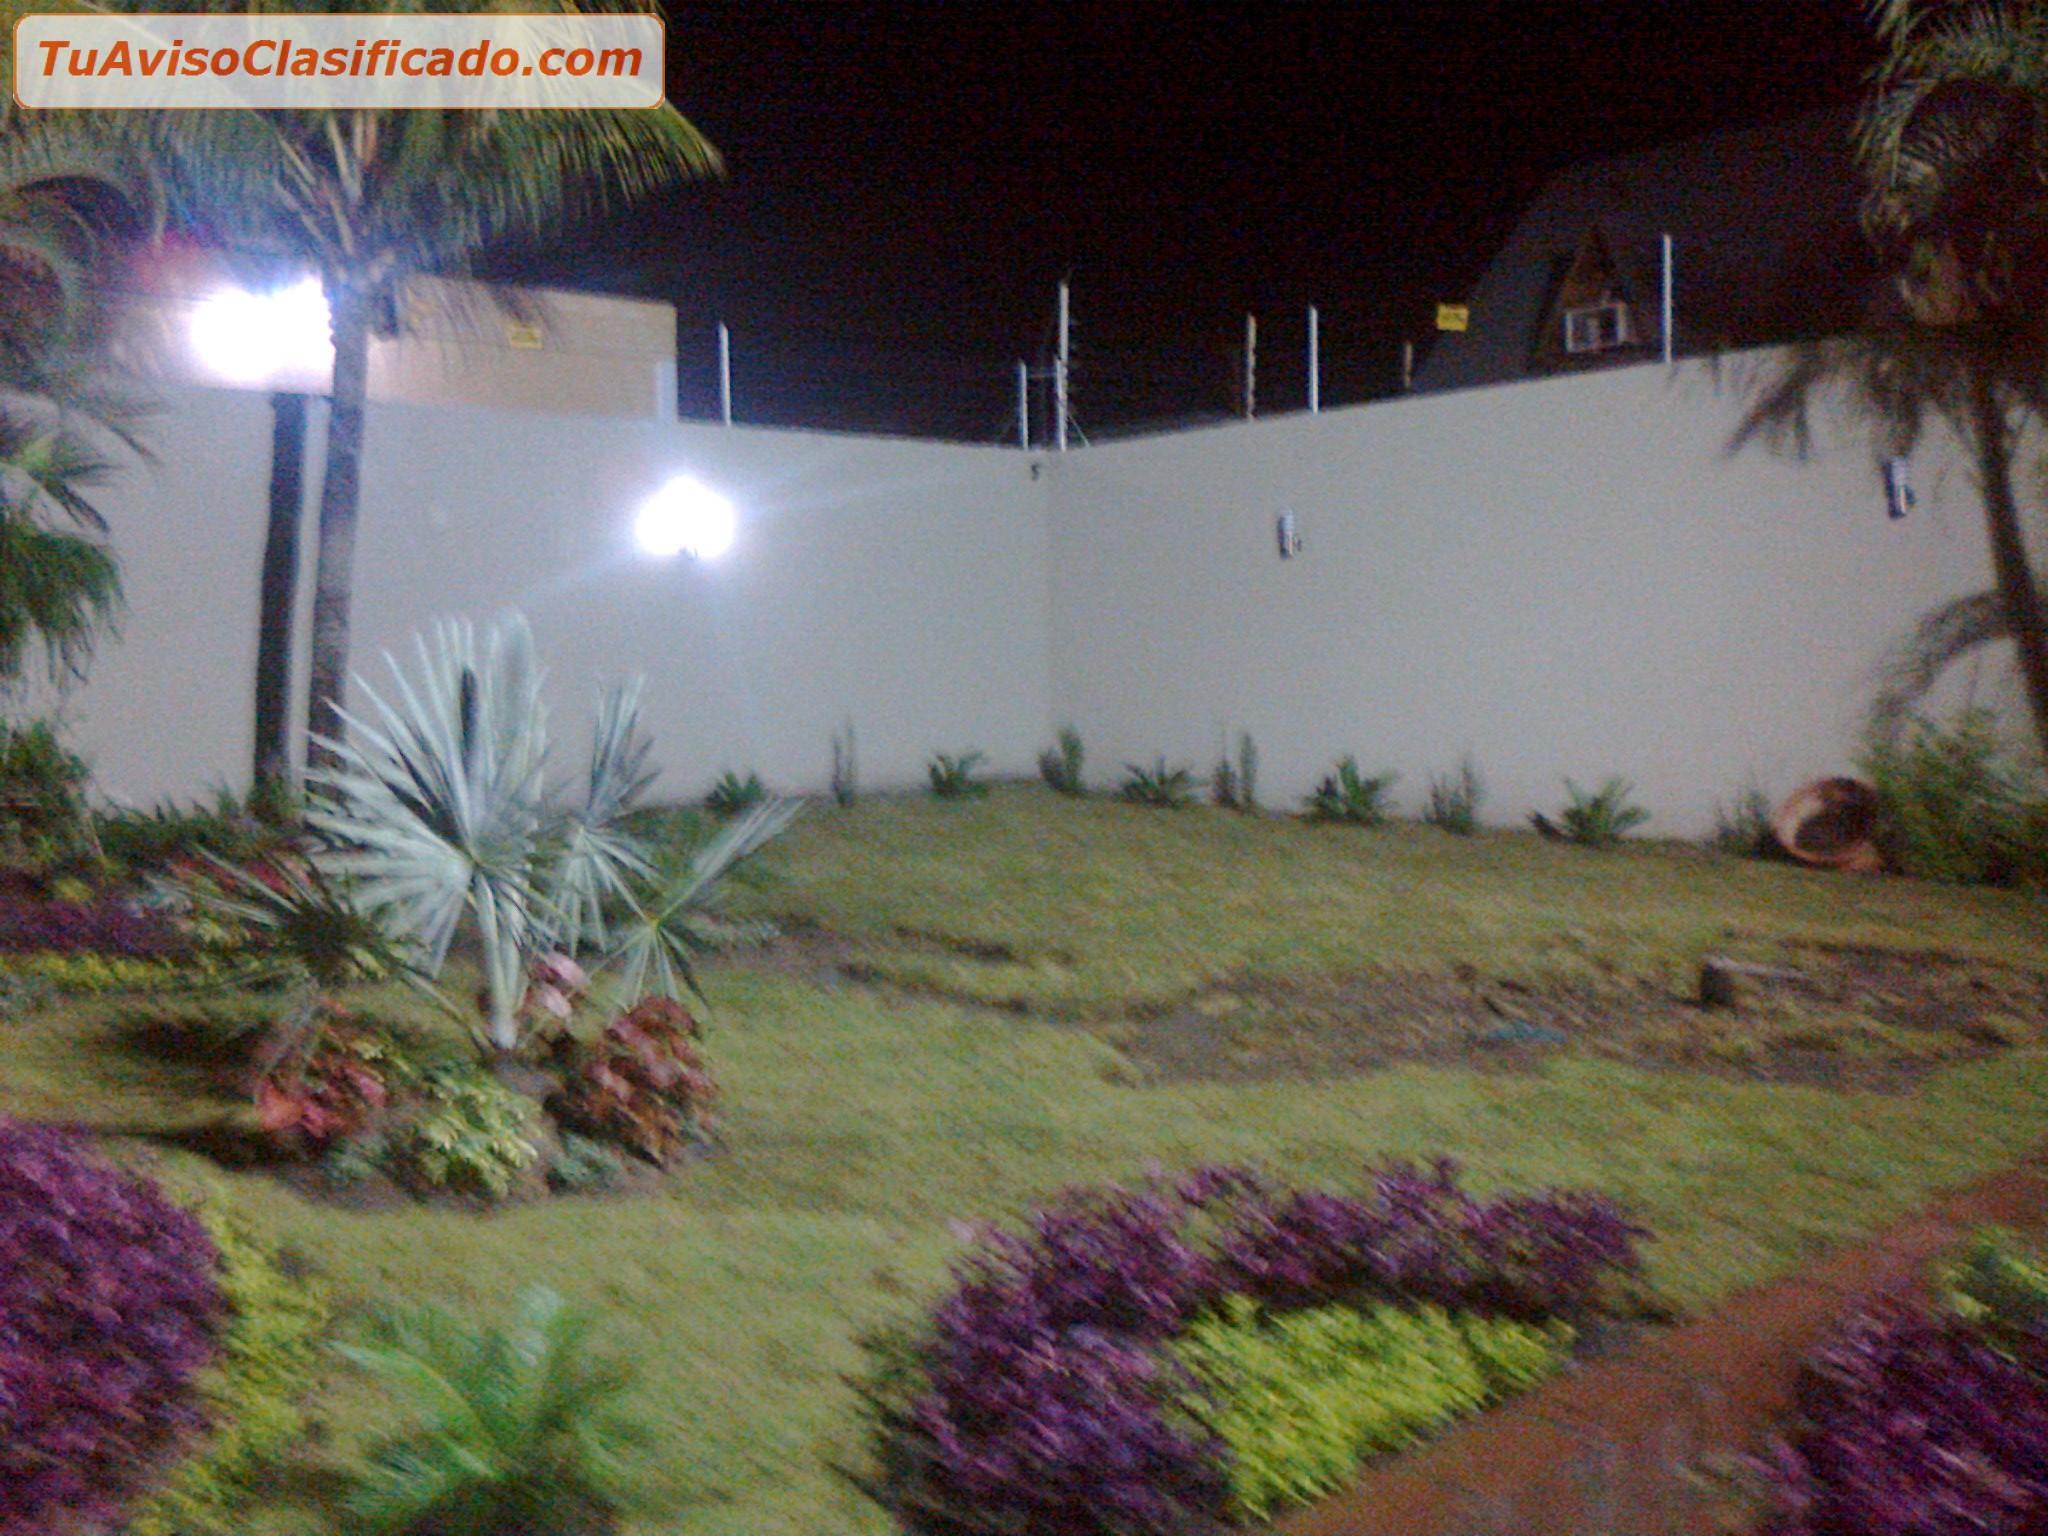 Plantas y semillas de jard n y viveros en for Viveros y jardines